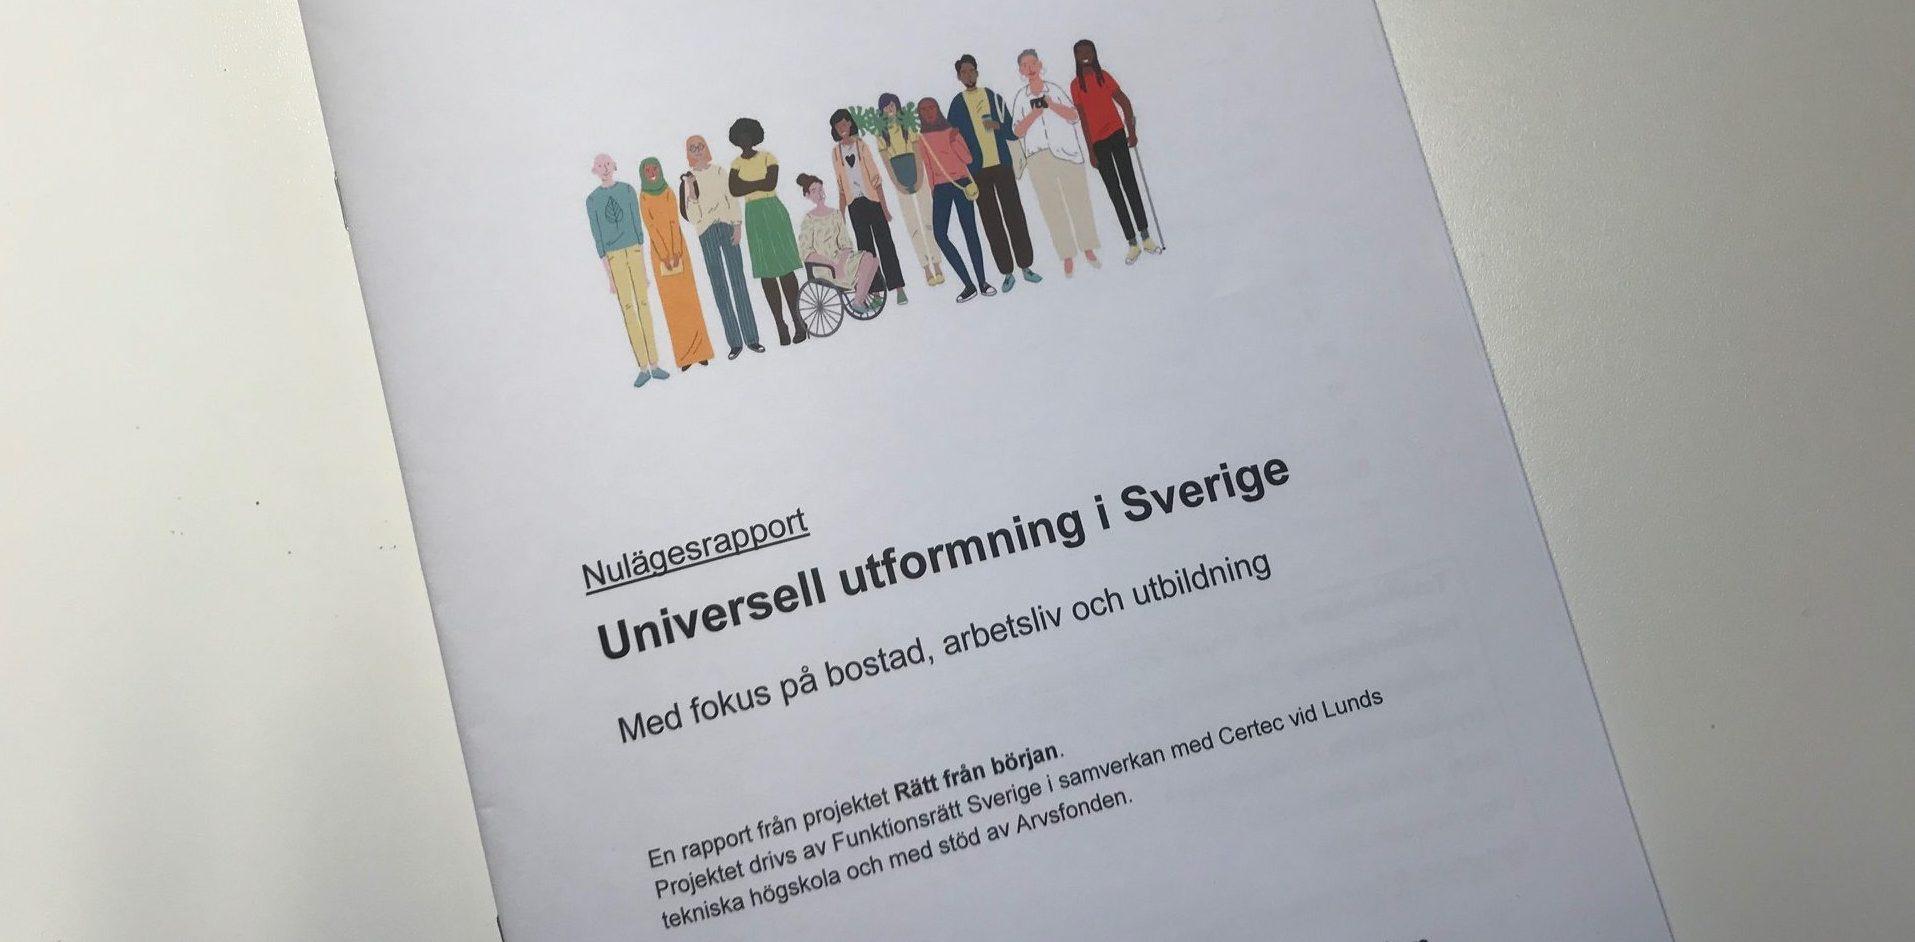 Bilden visar framsidan på Rätt från börjans nulägesrapport om universell utformning